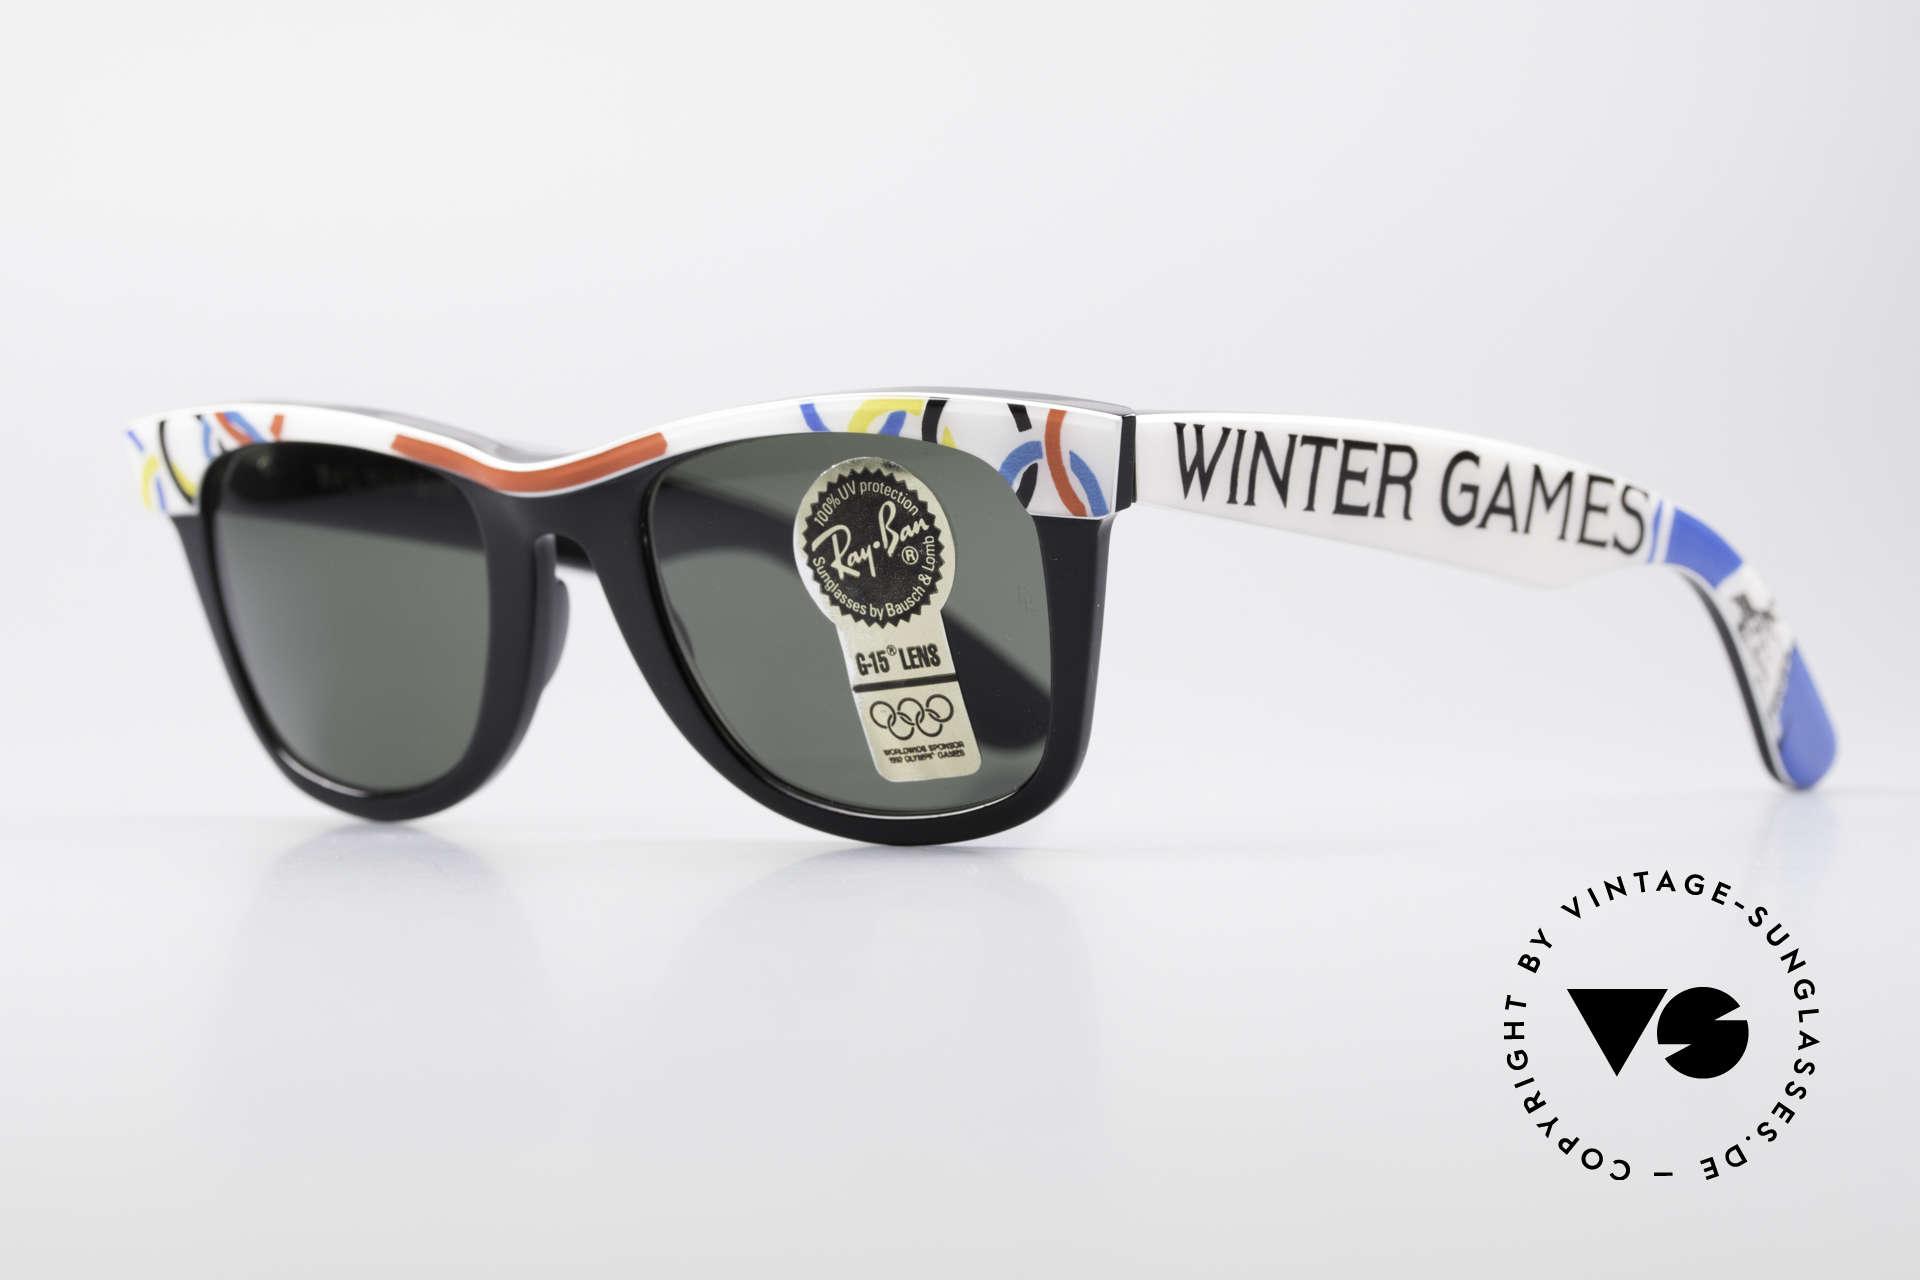 Ray Ban Wayfarer I Olympia 1928 St. Moritz, Bausch & Lomb Qualitätsgläser (100% UV-Schutz), Passend für Herren und Damen